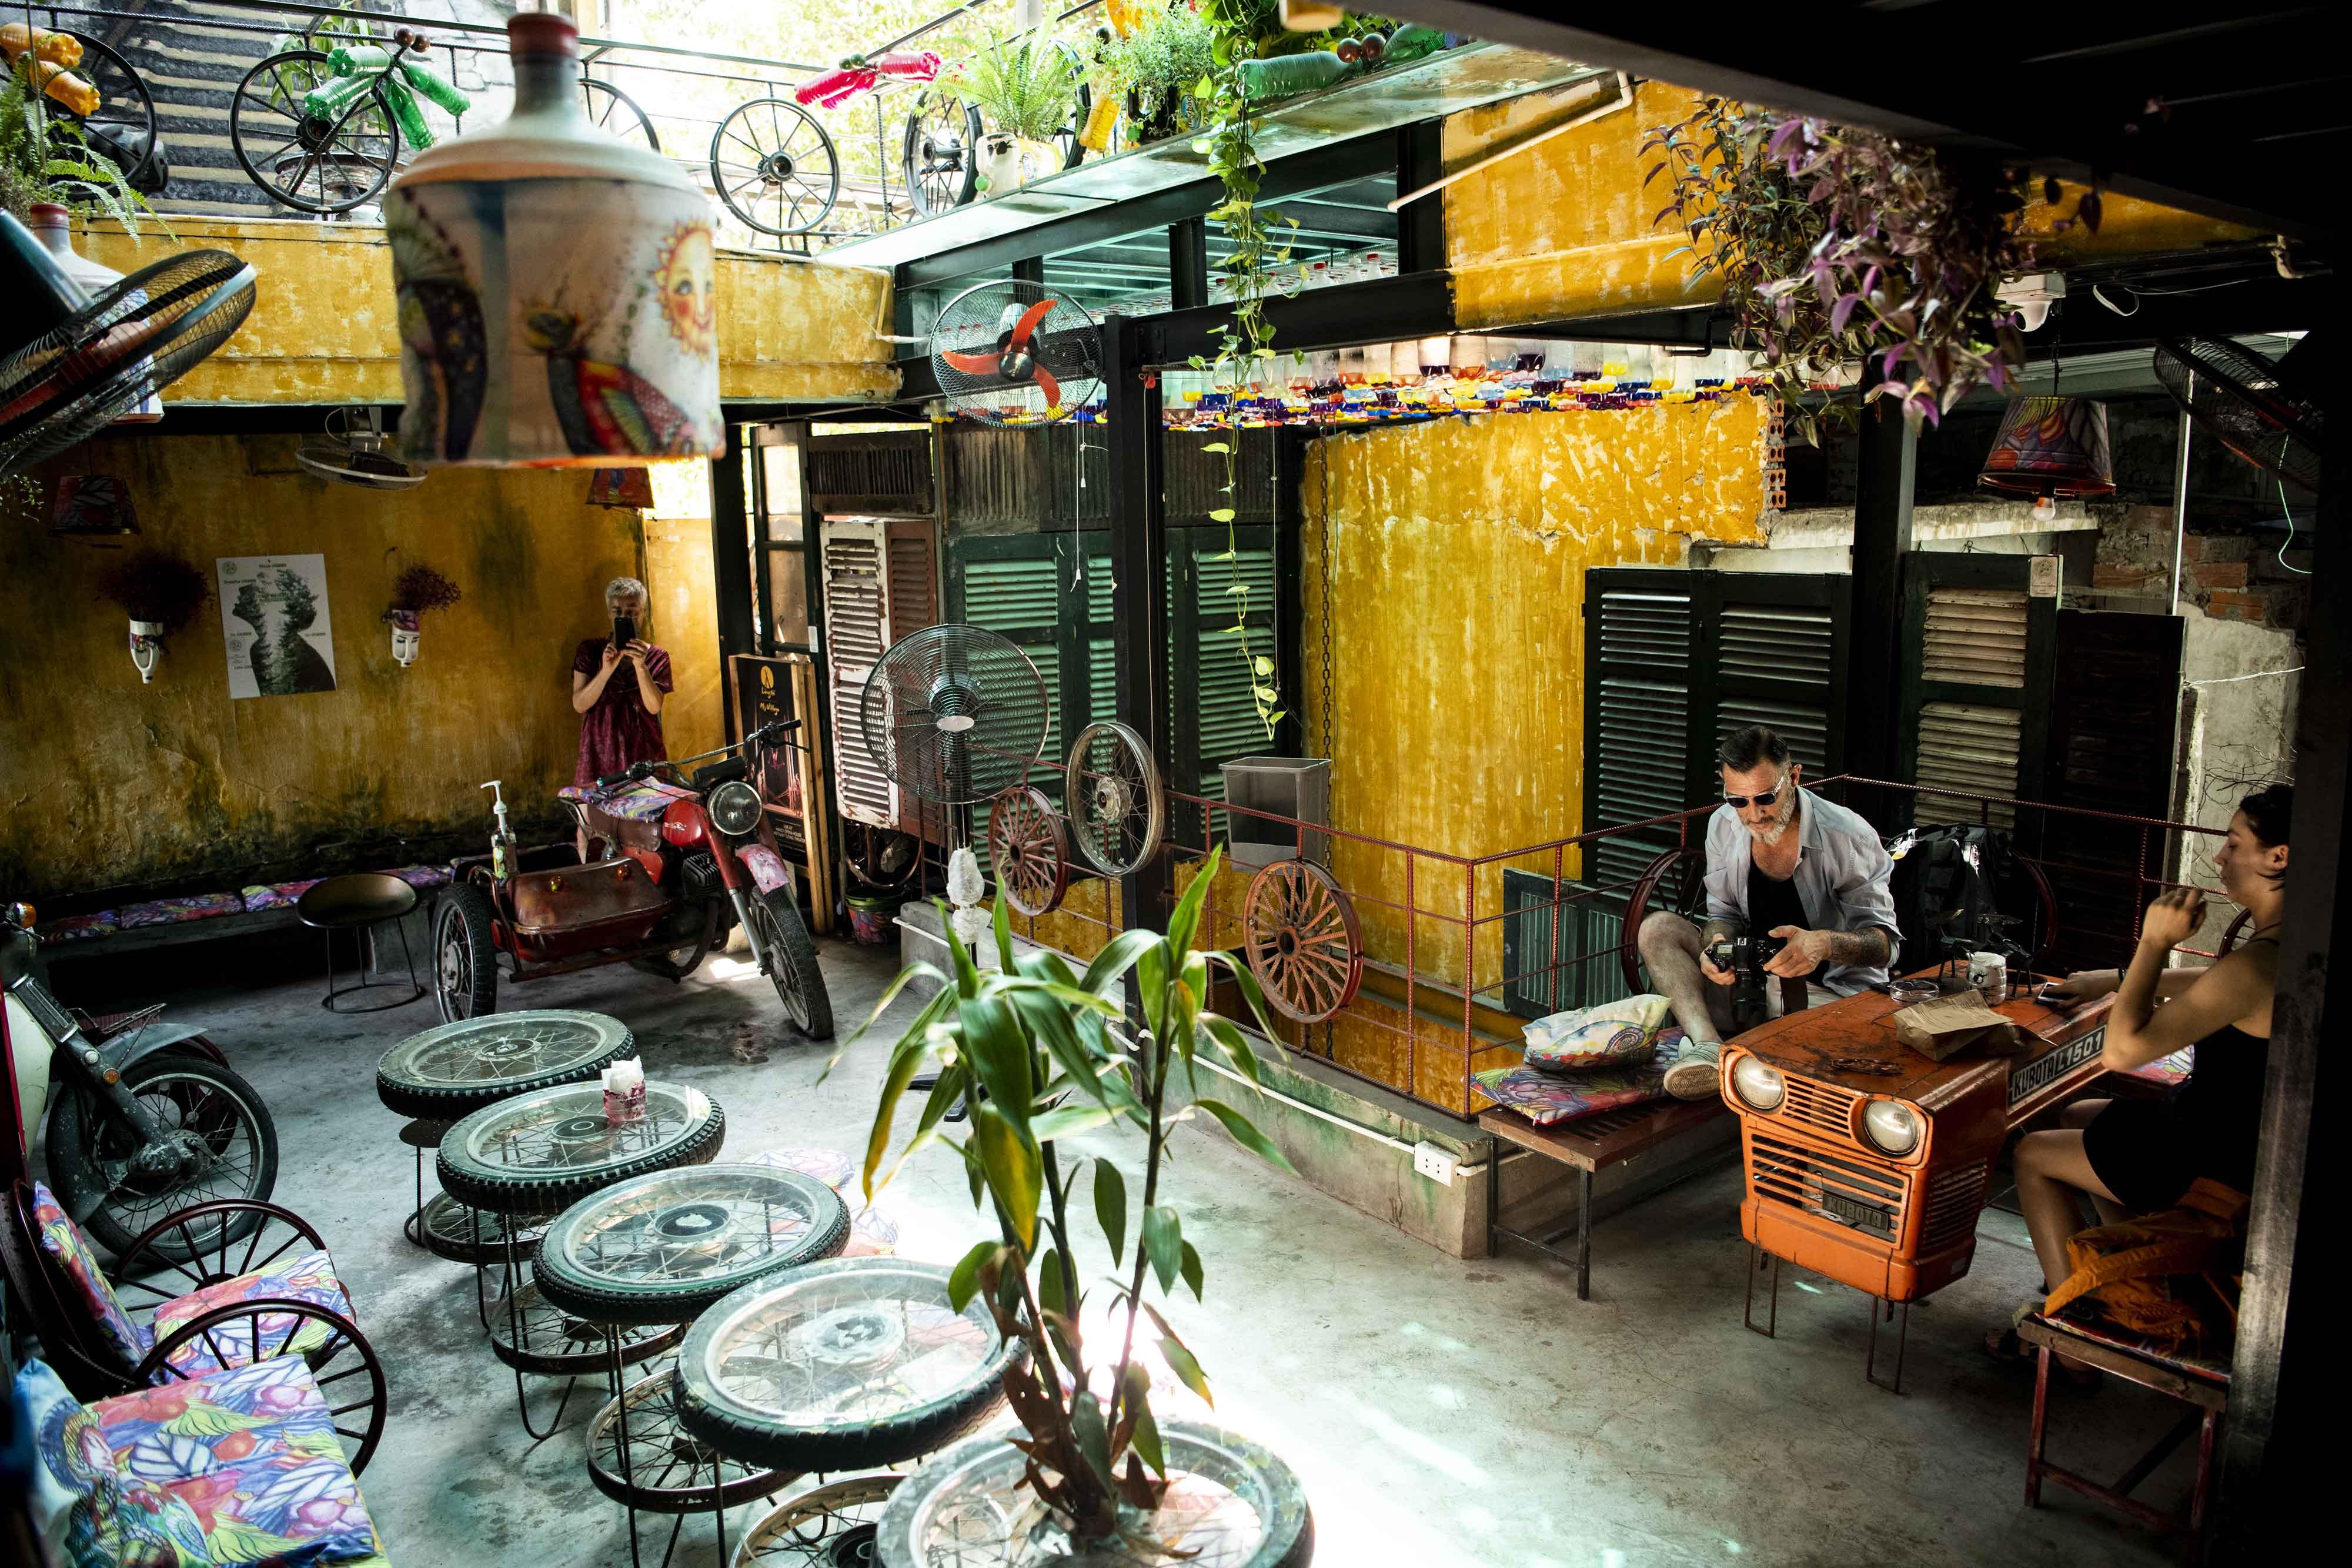 Ngắm quán cà phê đẹp không tưởng nhờ... rác thải - 11